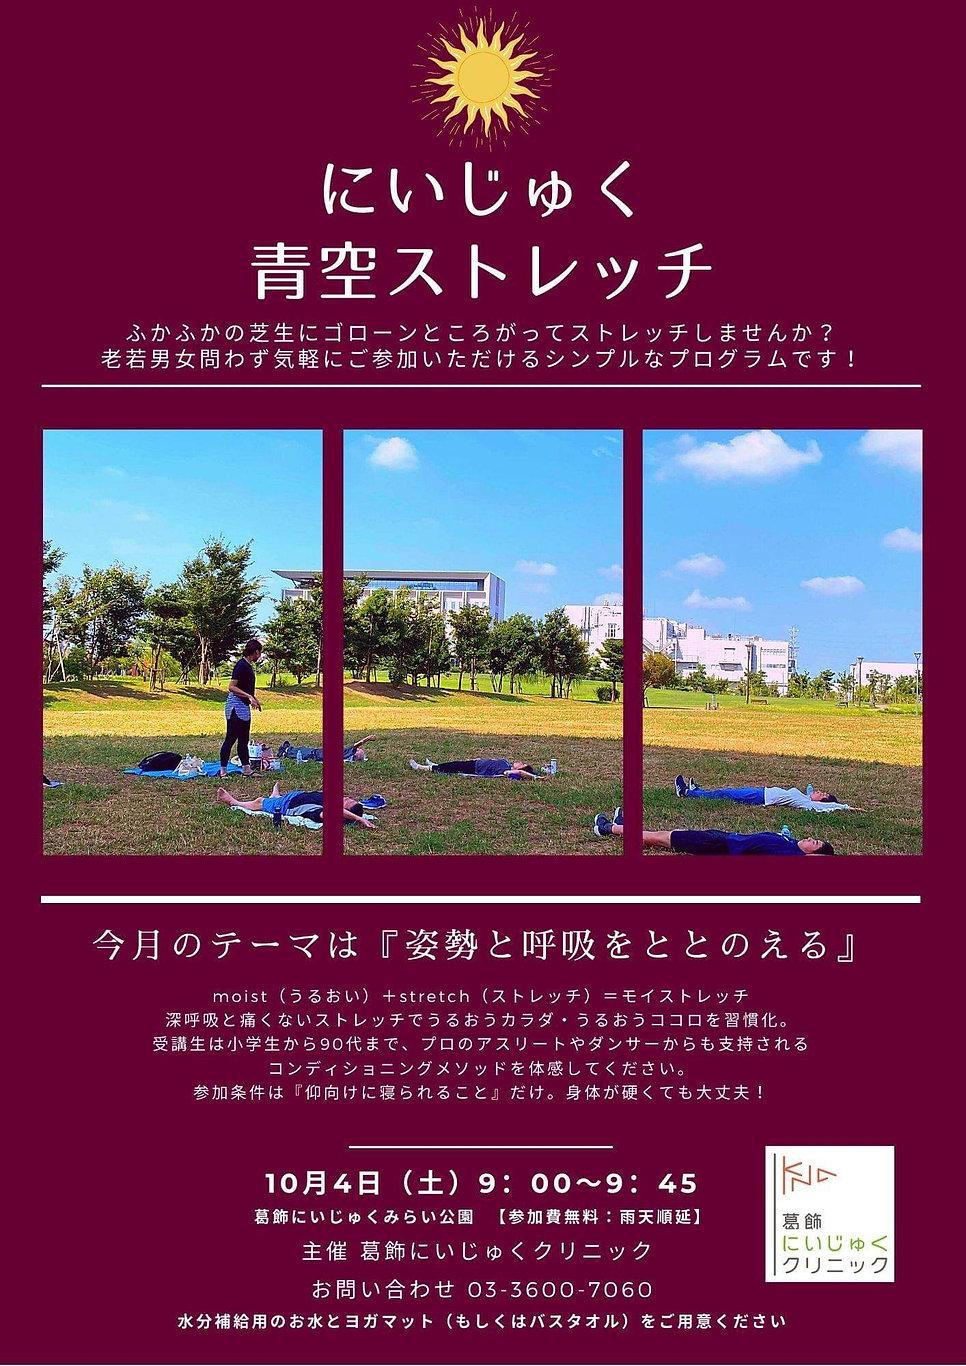 にいじゅく青空ストレッチ1004縦版.jpeg